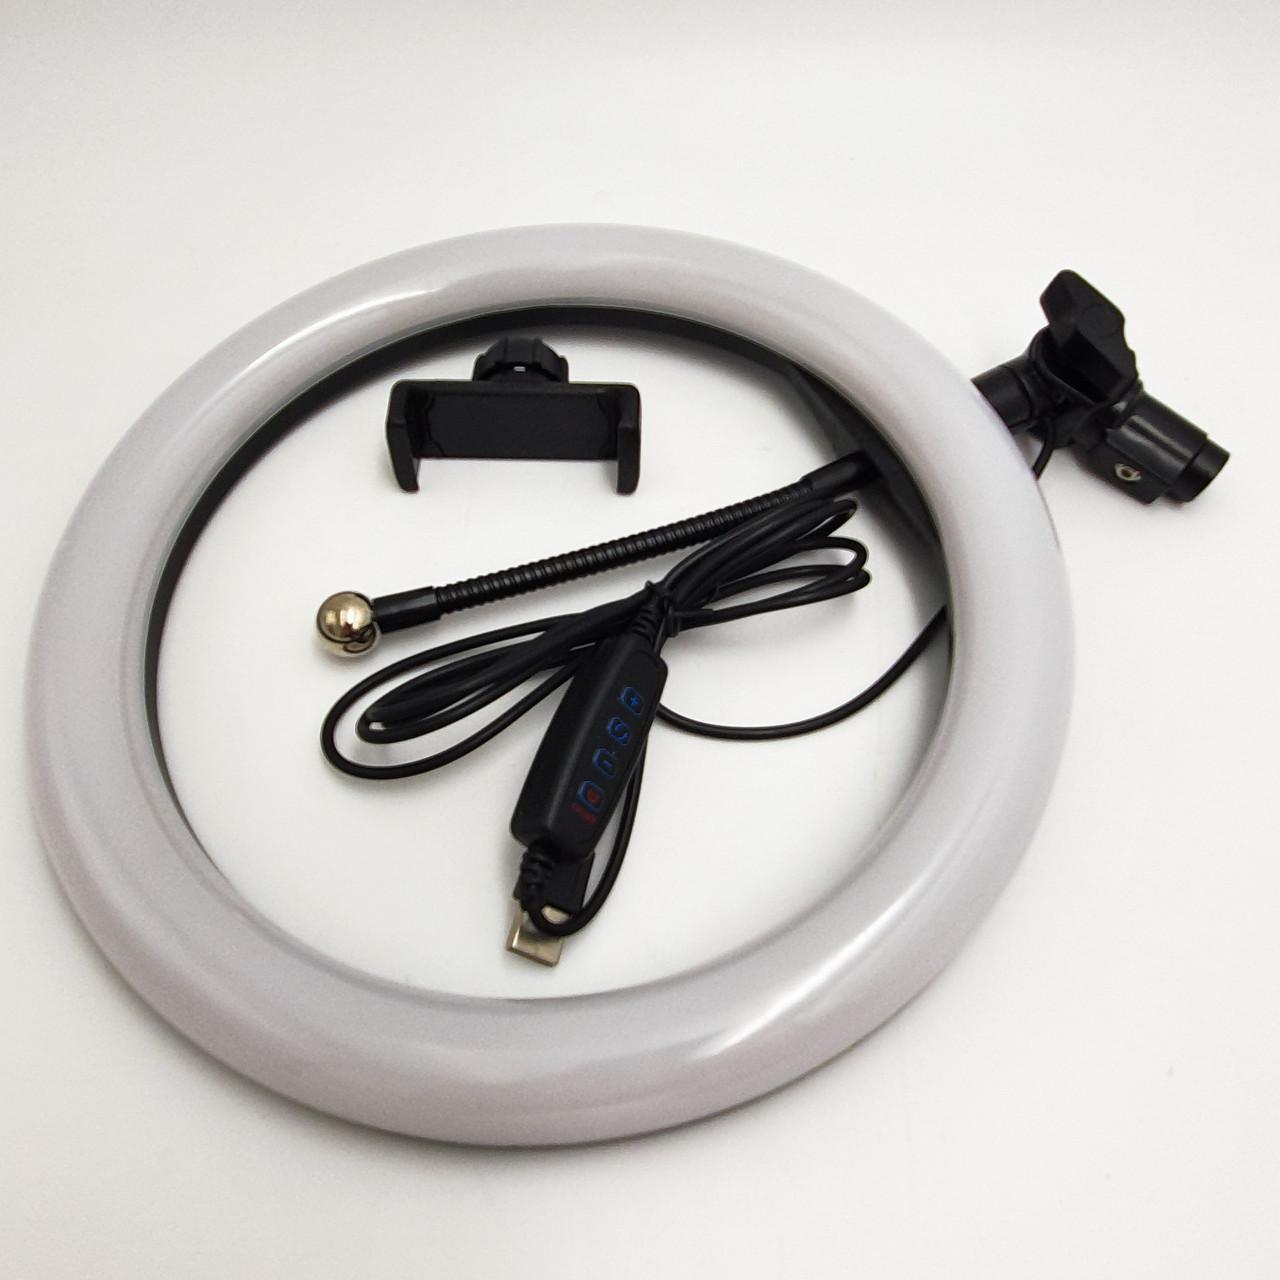 Кільцева LED лампа 26 см 12 W з тримачем для телефону селфи кільце блогера 3 режими світіння